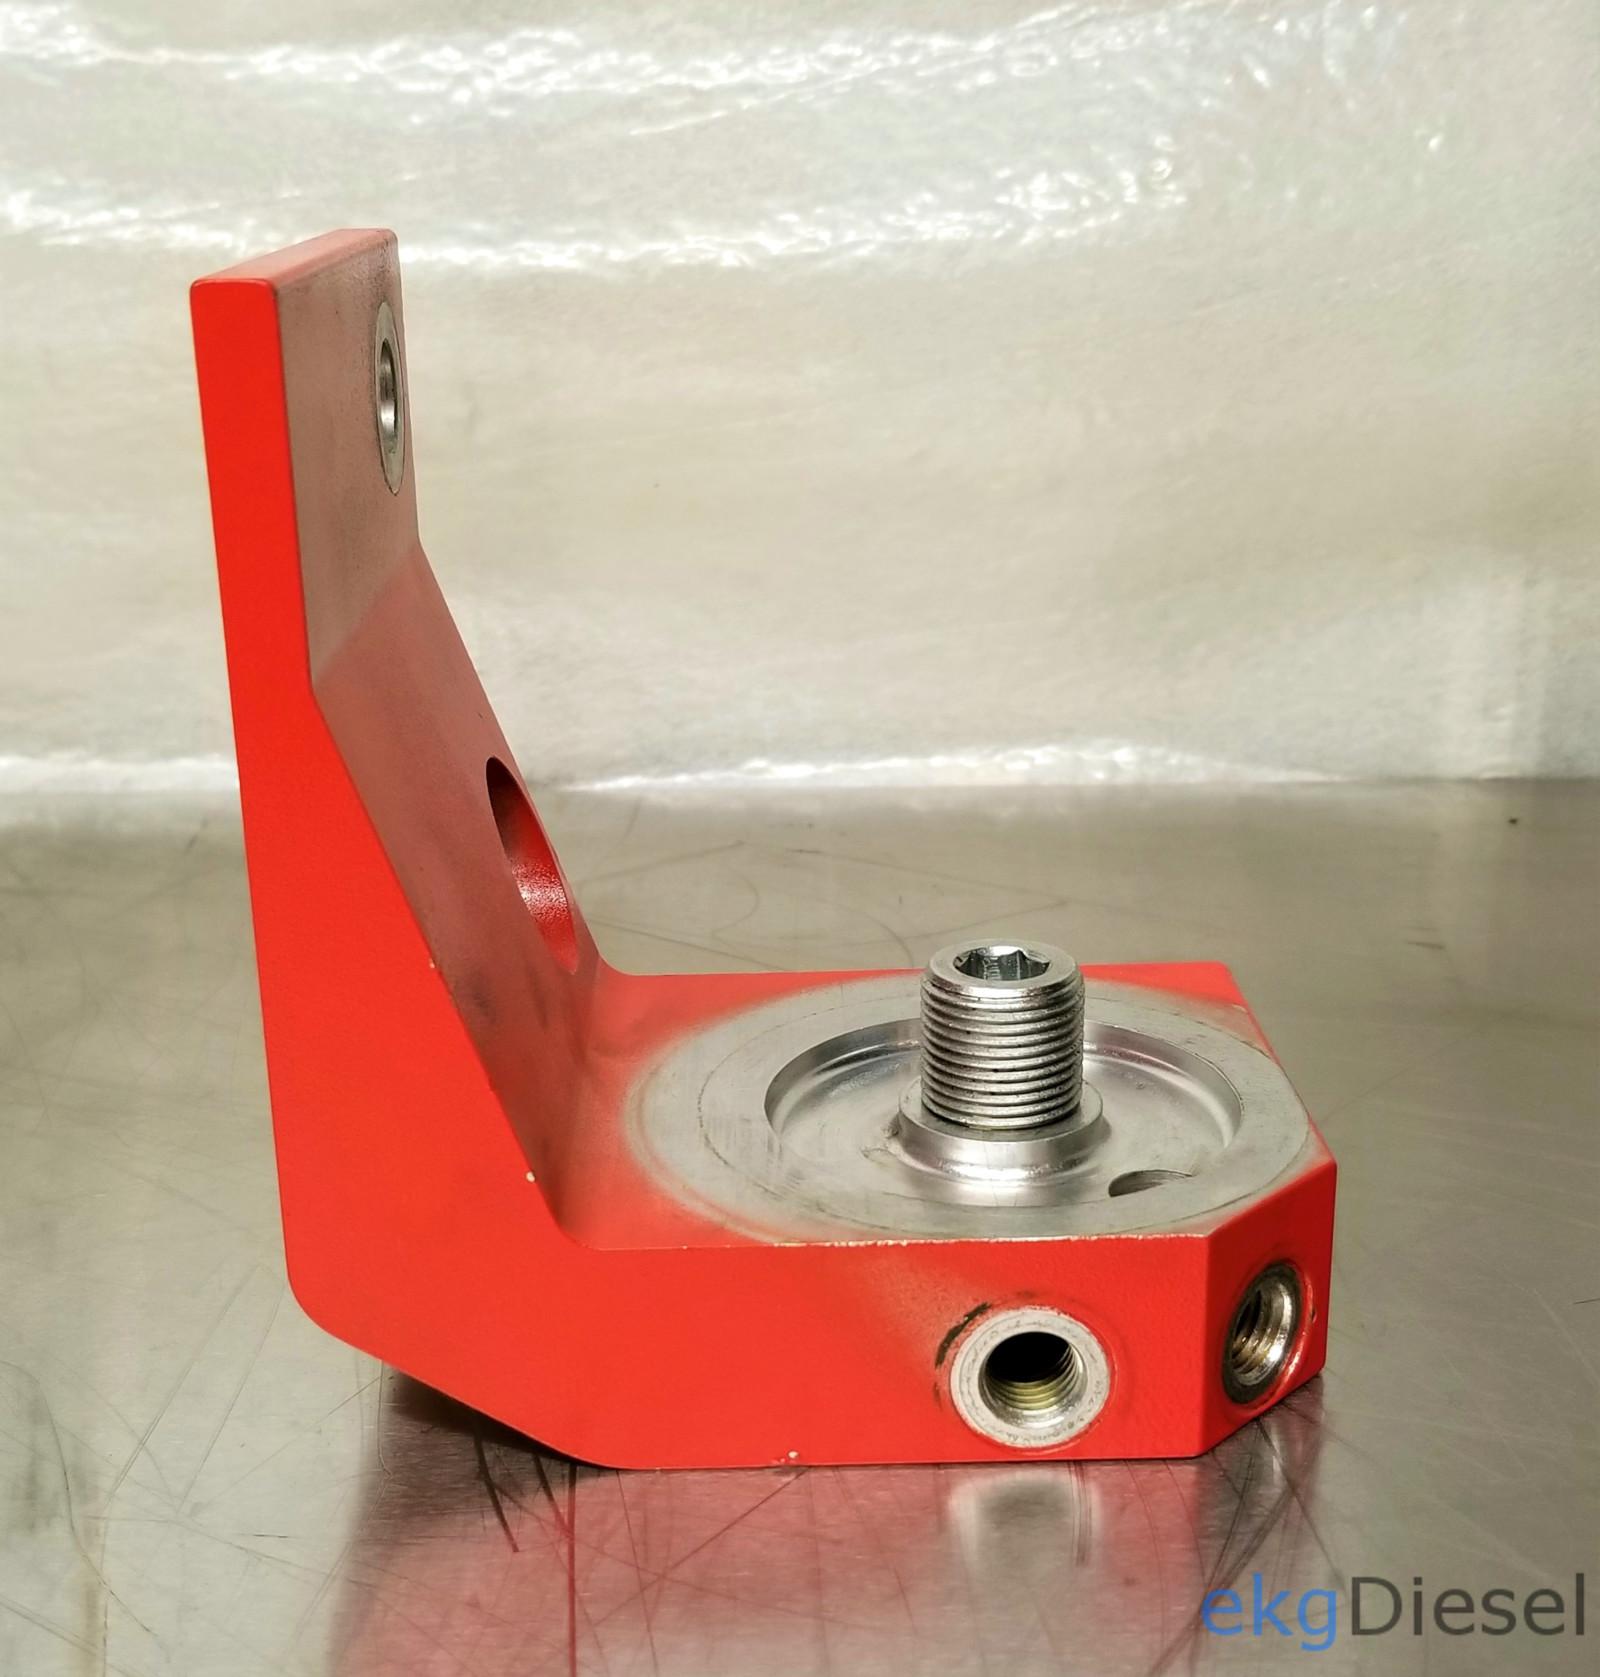 Cummins Fuel Filter Head 4930252 Ekg Diesel